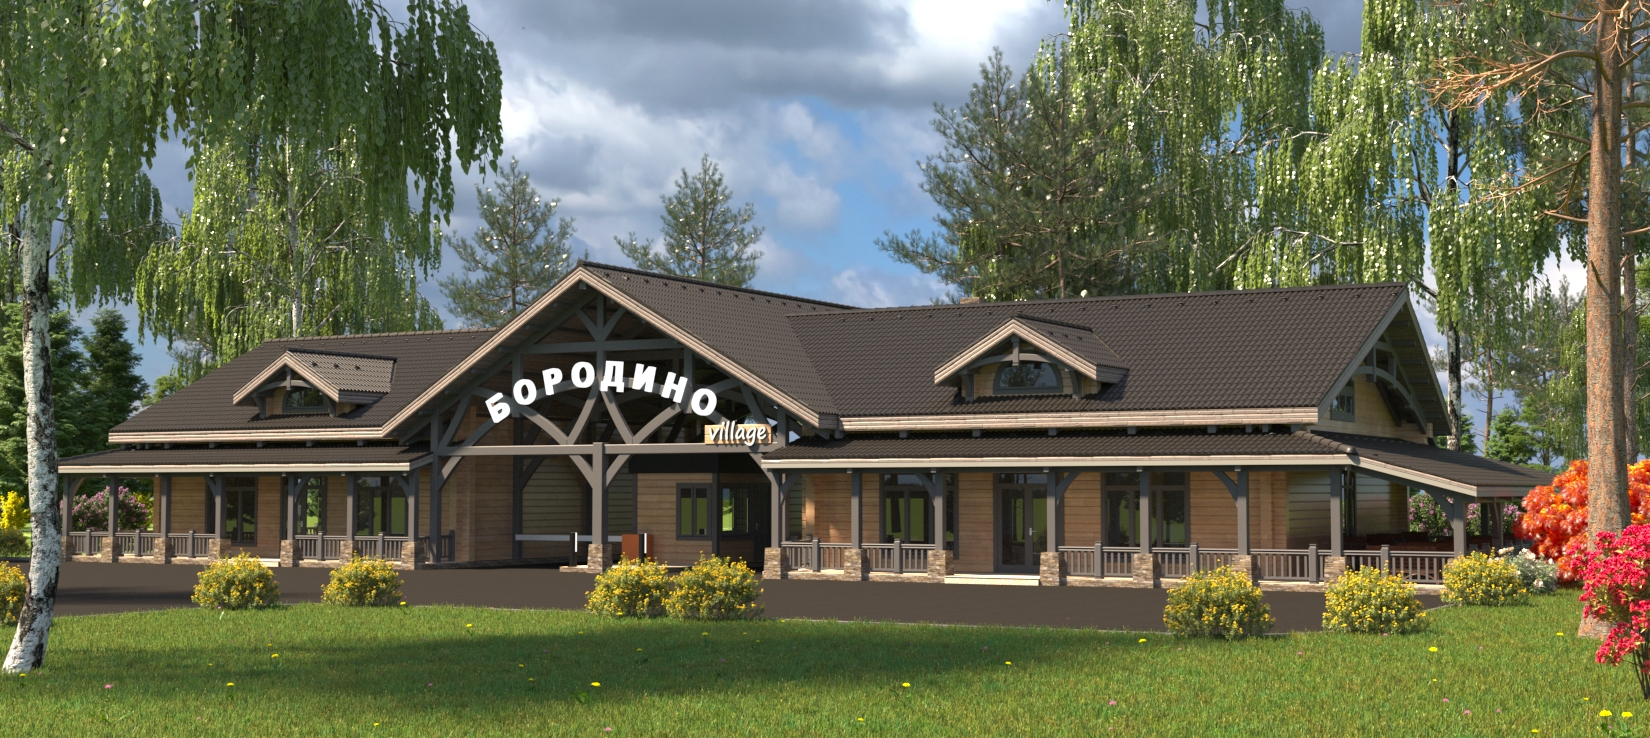 Бородино Village